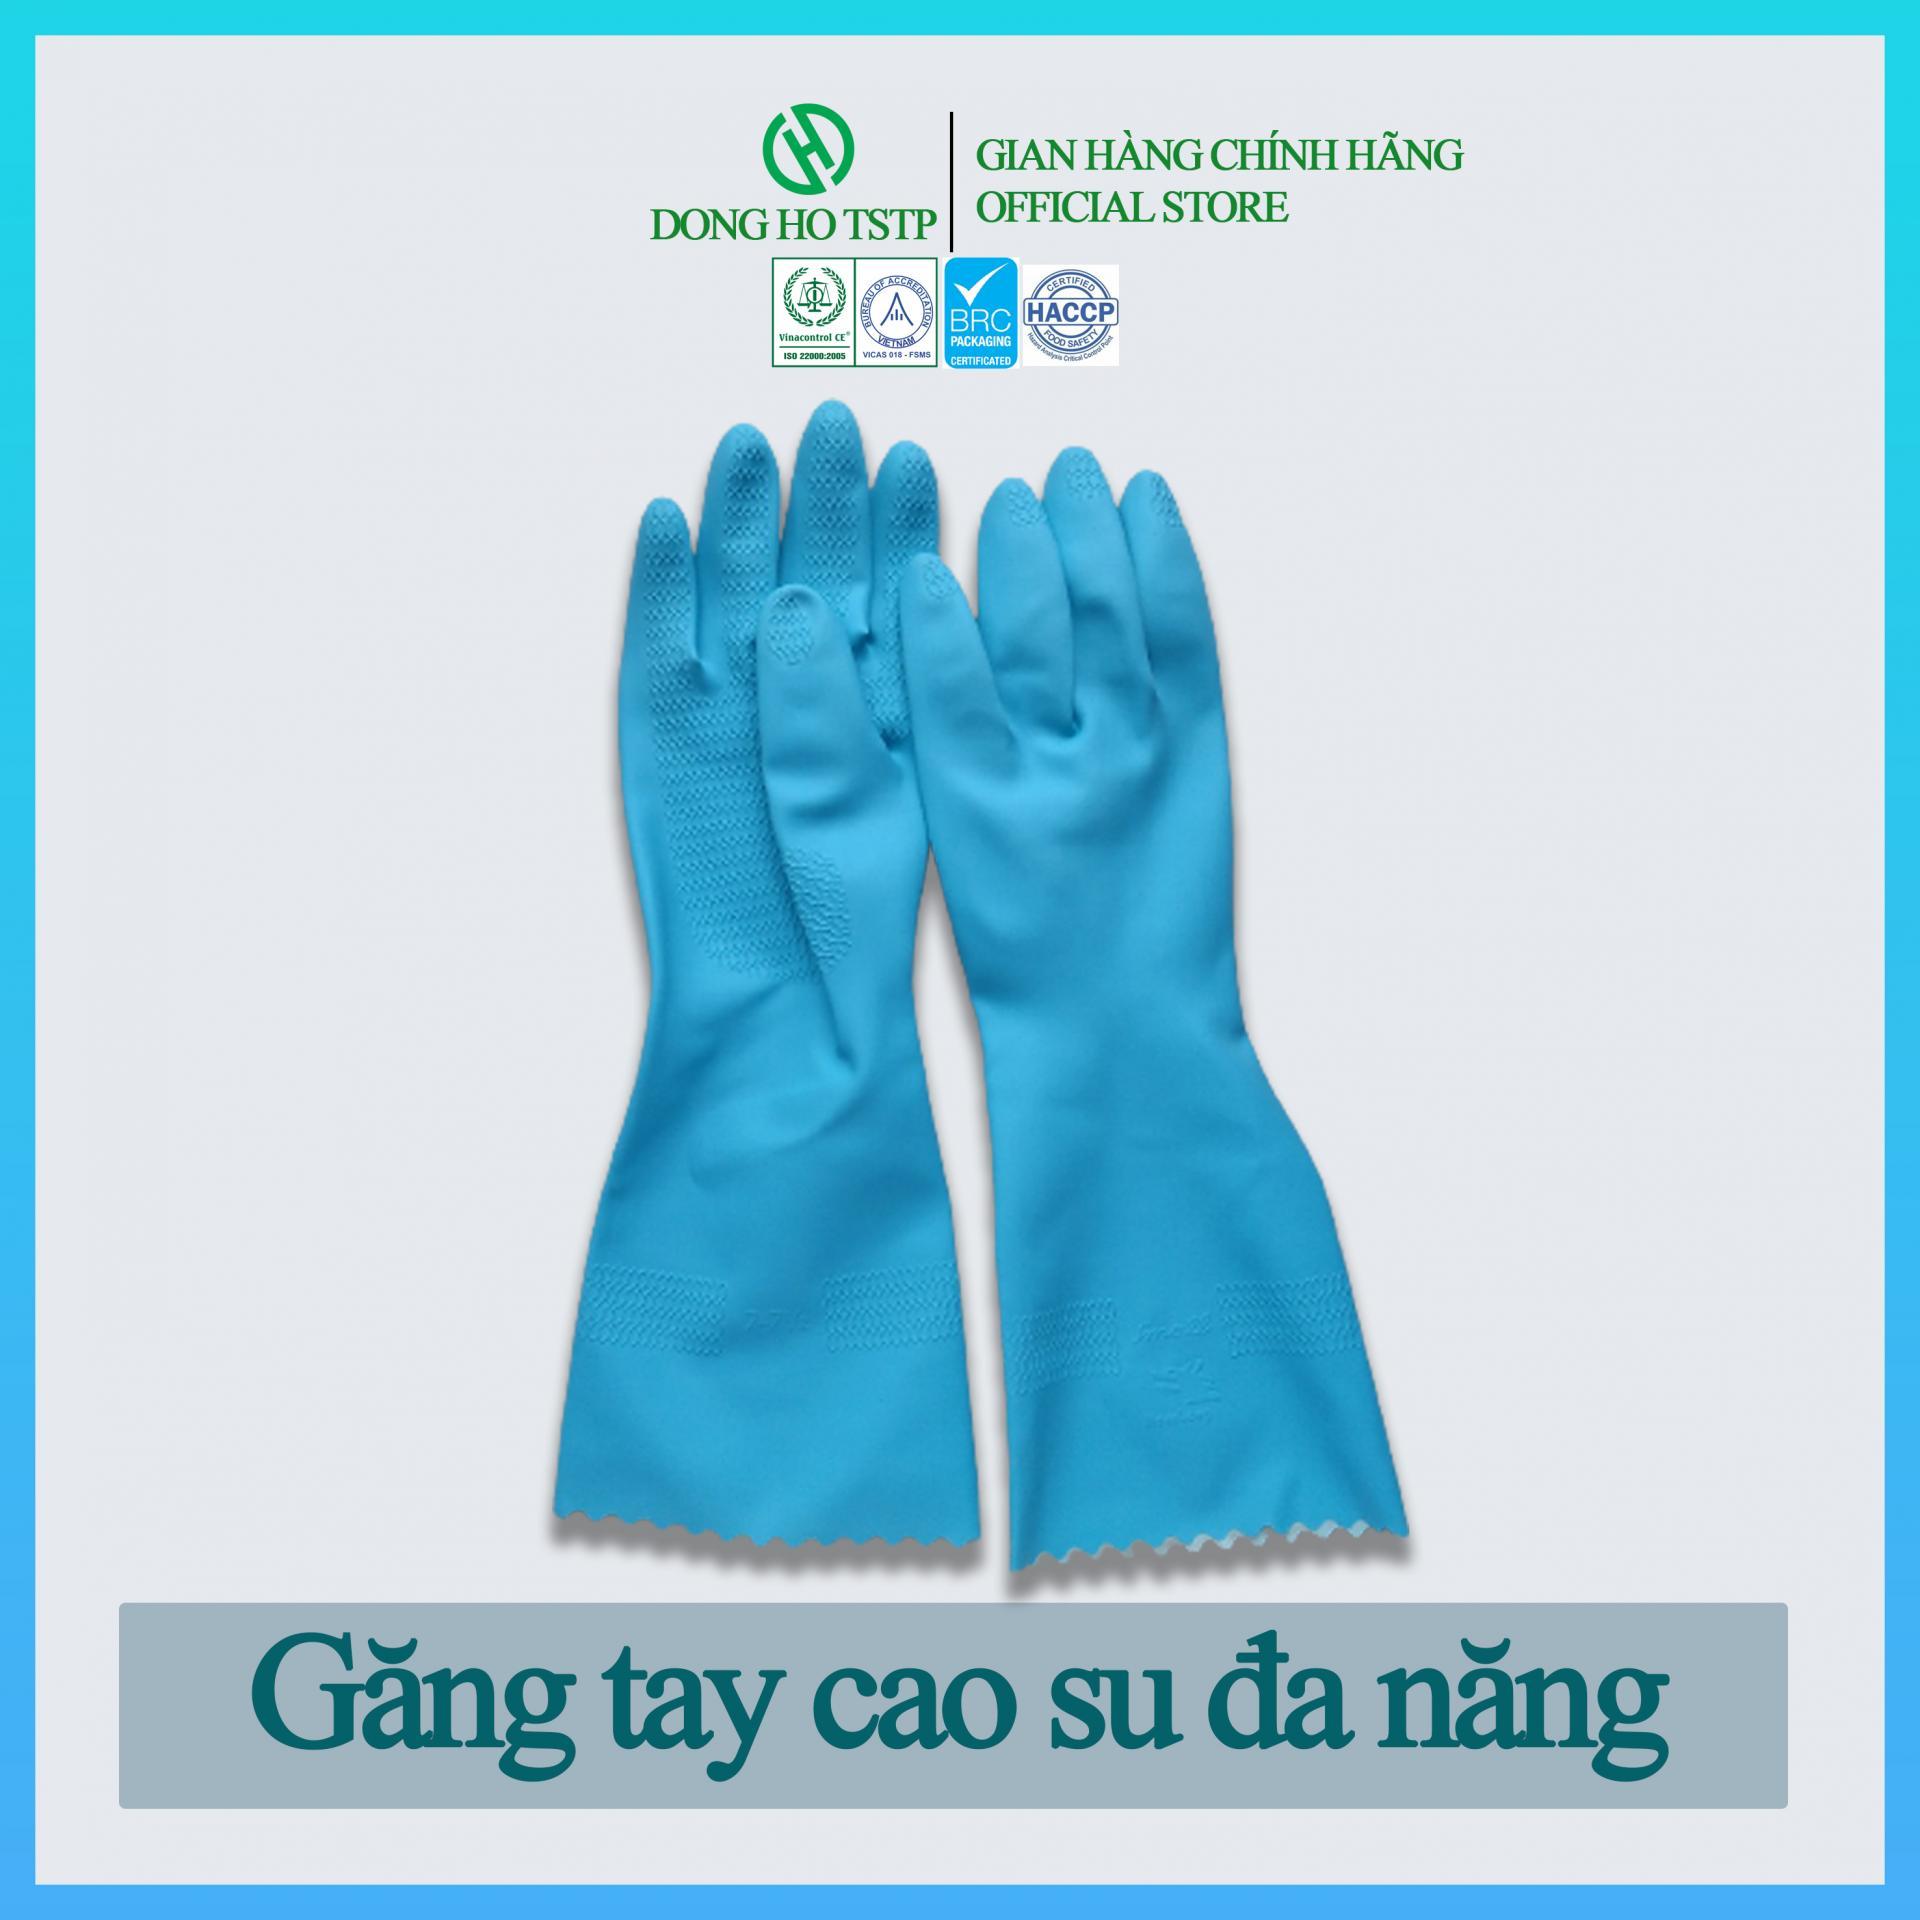 Găng tay cao su đa năng loại răng cưa - Găng tay cao su màu xanh dương